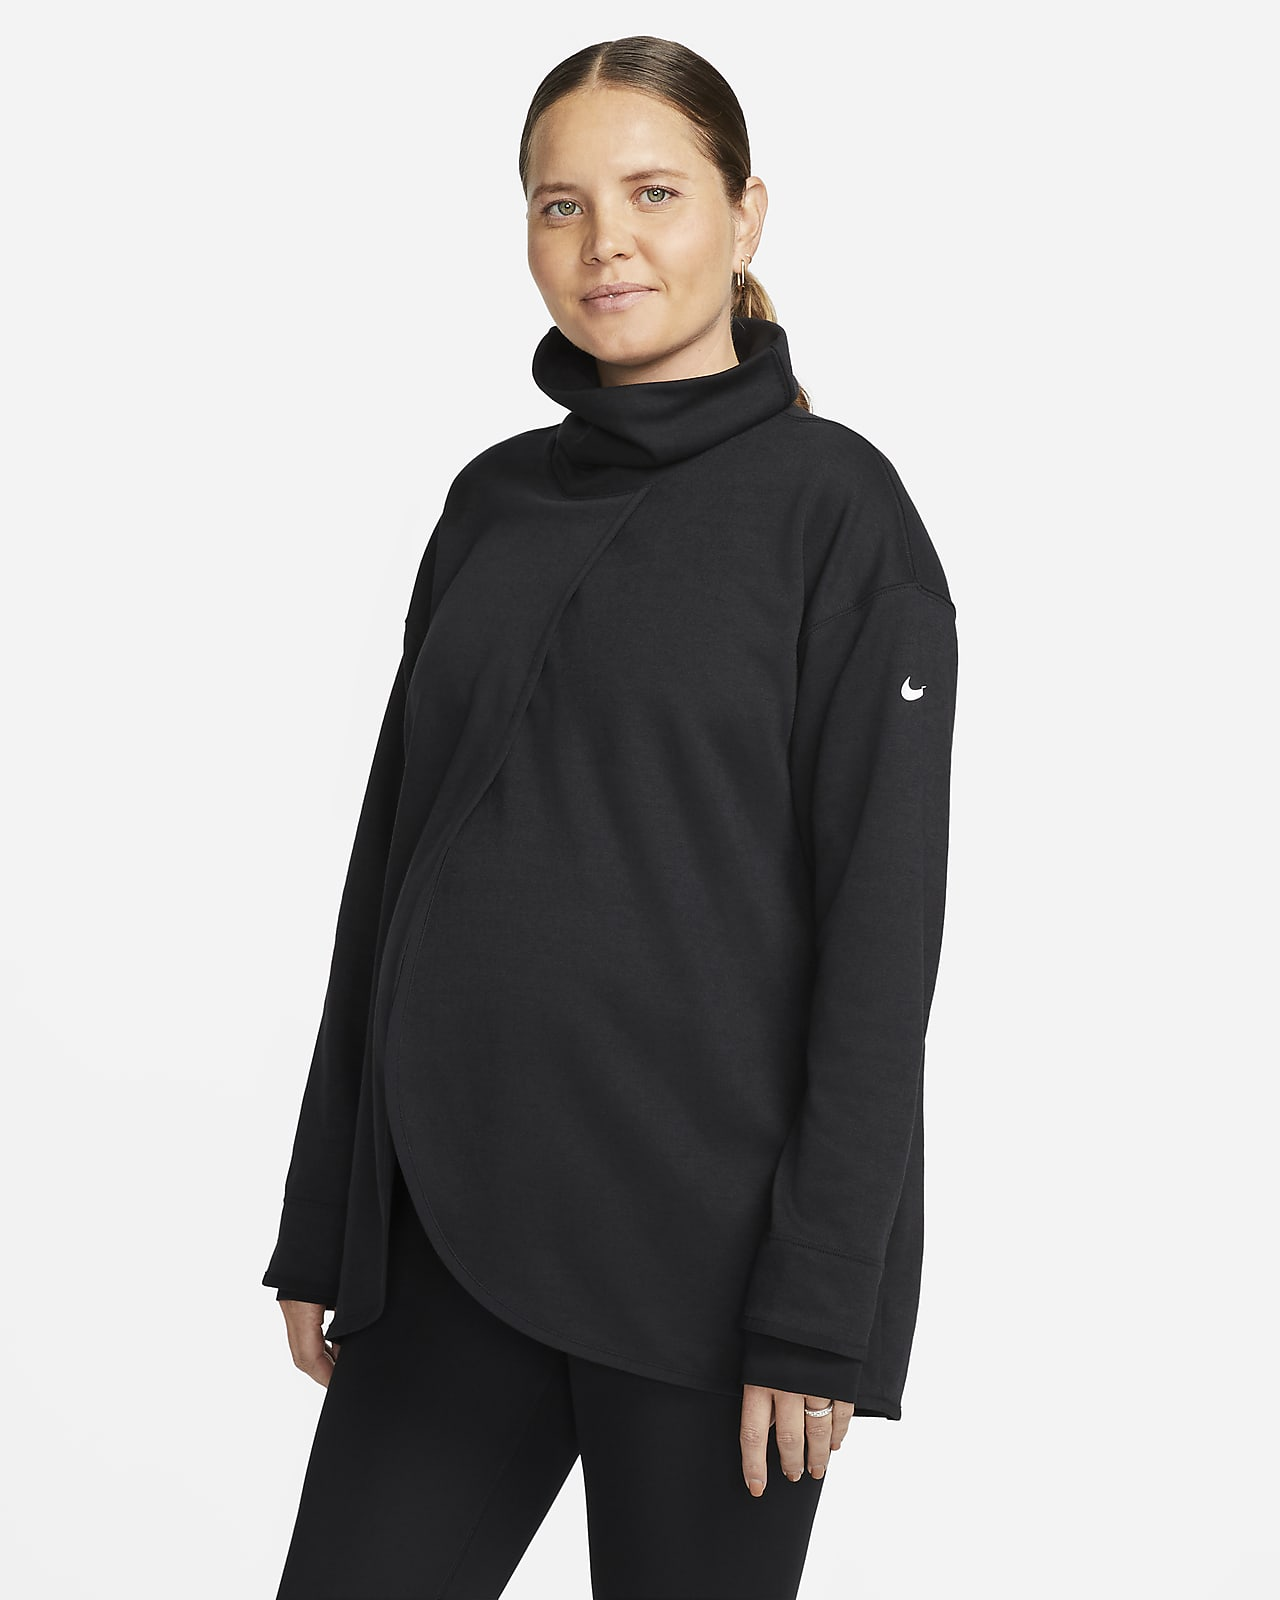 Tröja för kvinnor Nike (M) (Maternity)